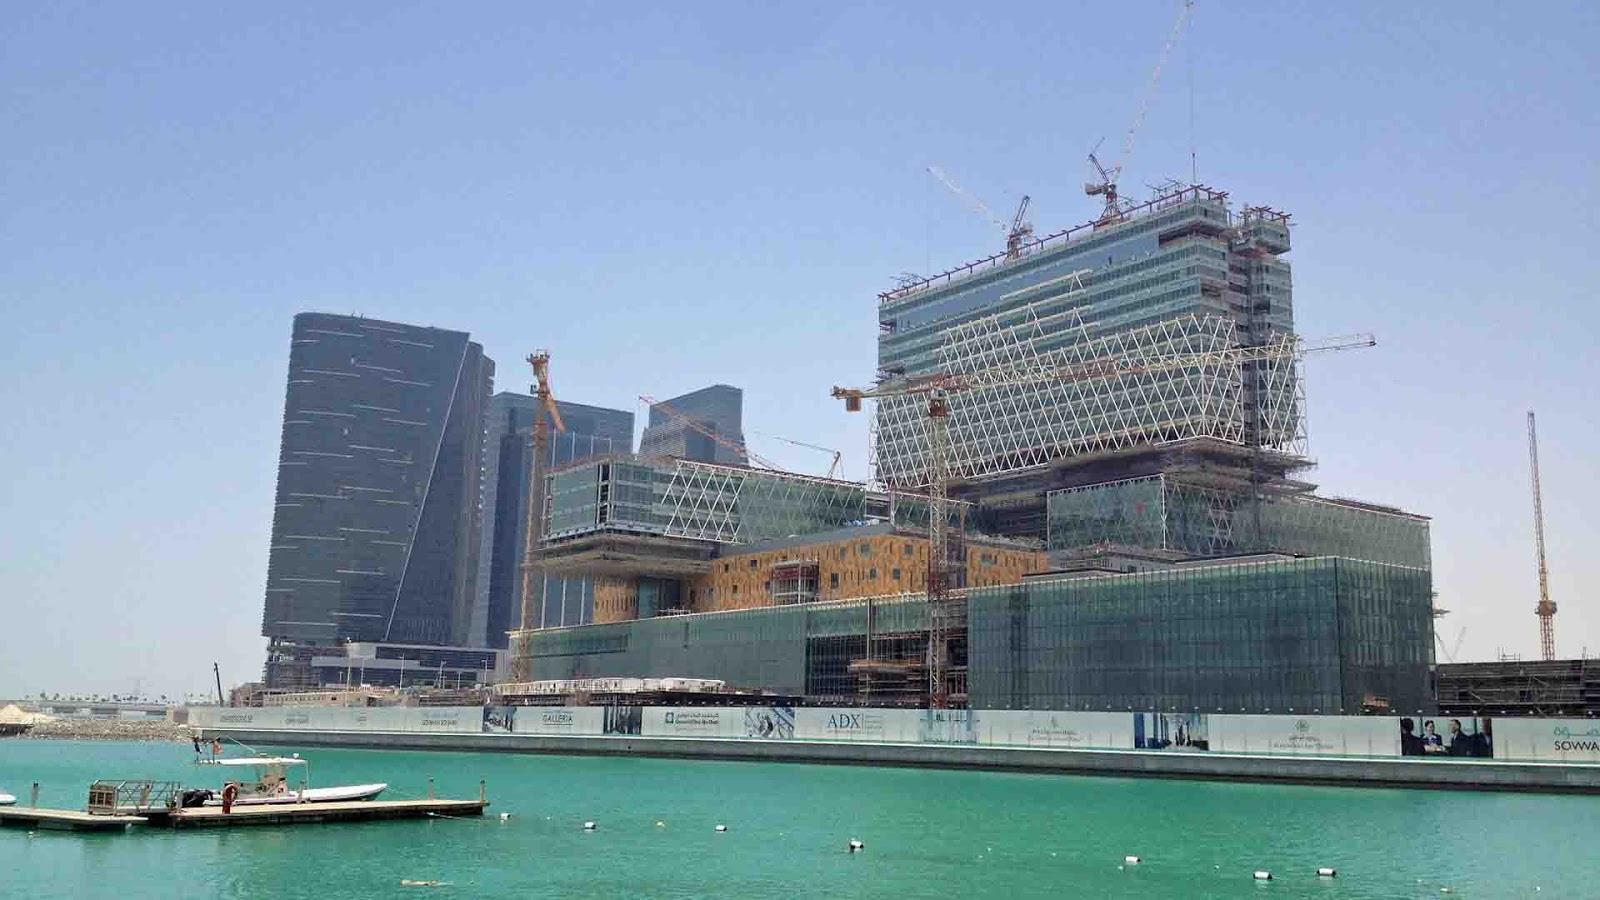 Falling Water Wallpaper 1080p Abu Dhabi